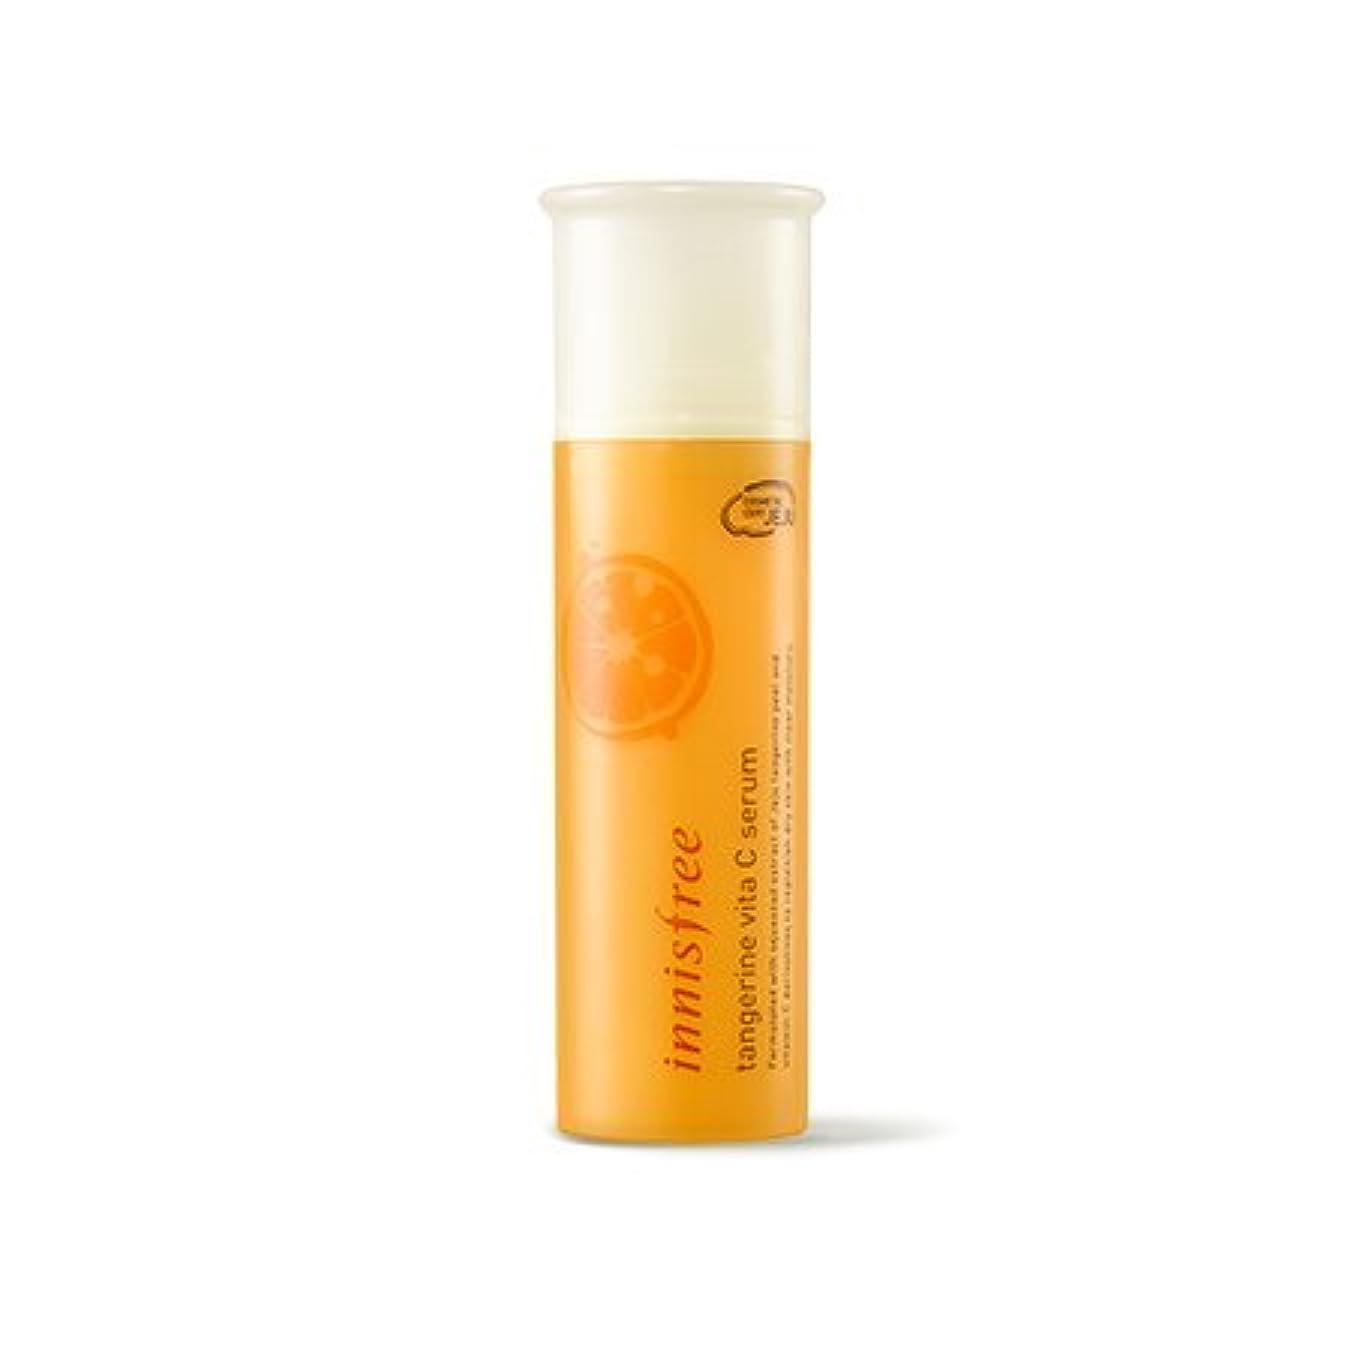 適切な訴えるサイバースペース[New] innisfree Tangerine Vita C Serum 50ml/イニスフリー タンジェリン ビタ C セラム 50ml [並行輸入品]